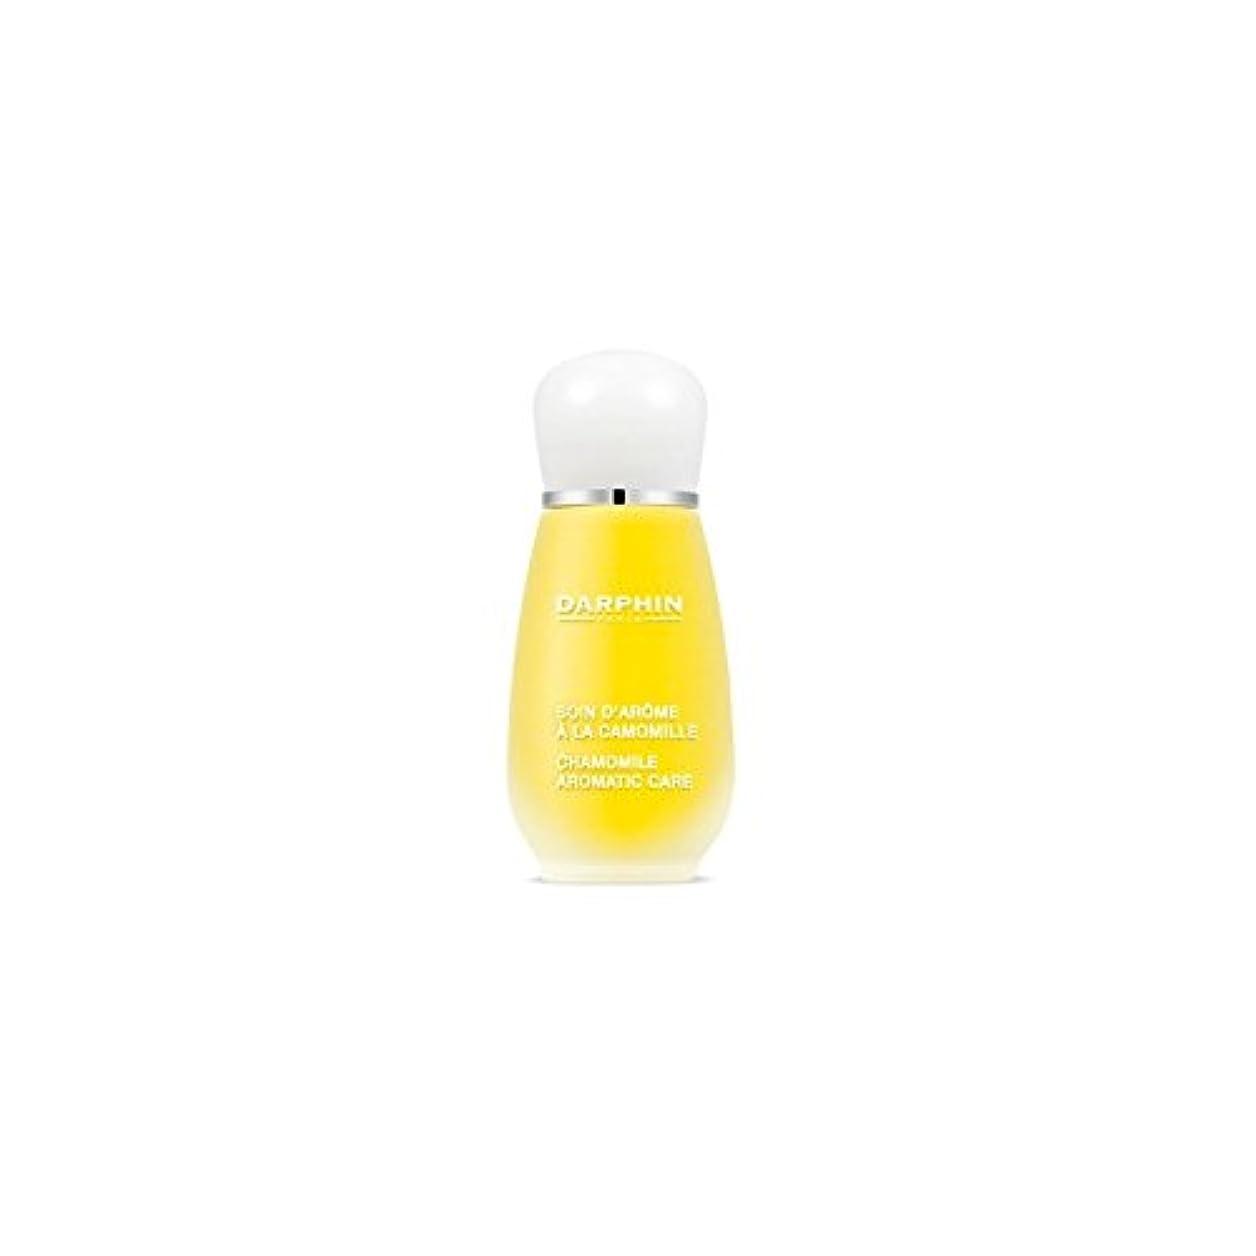 置くためにパックチャット医師Darphin Chamomile Aromatic Care (15ml) (Pack of 6) - ダルファンカモミール芳香ケア(15ミリリットル) x6 [並行輸入品]